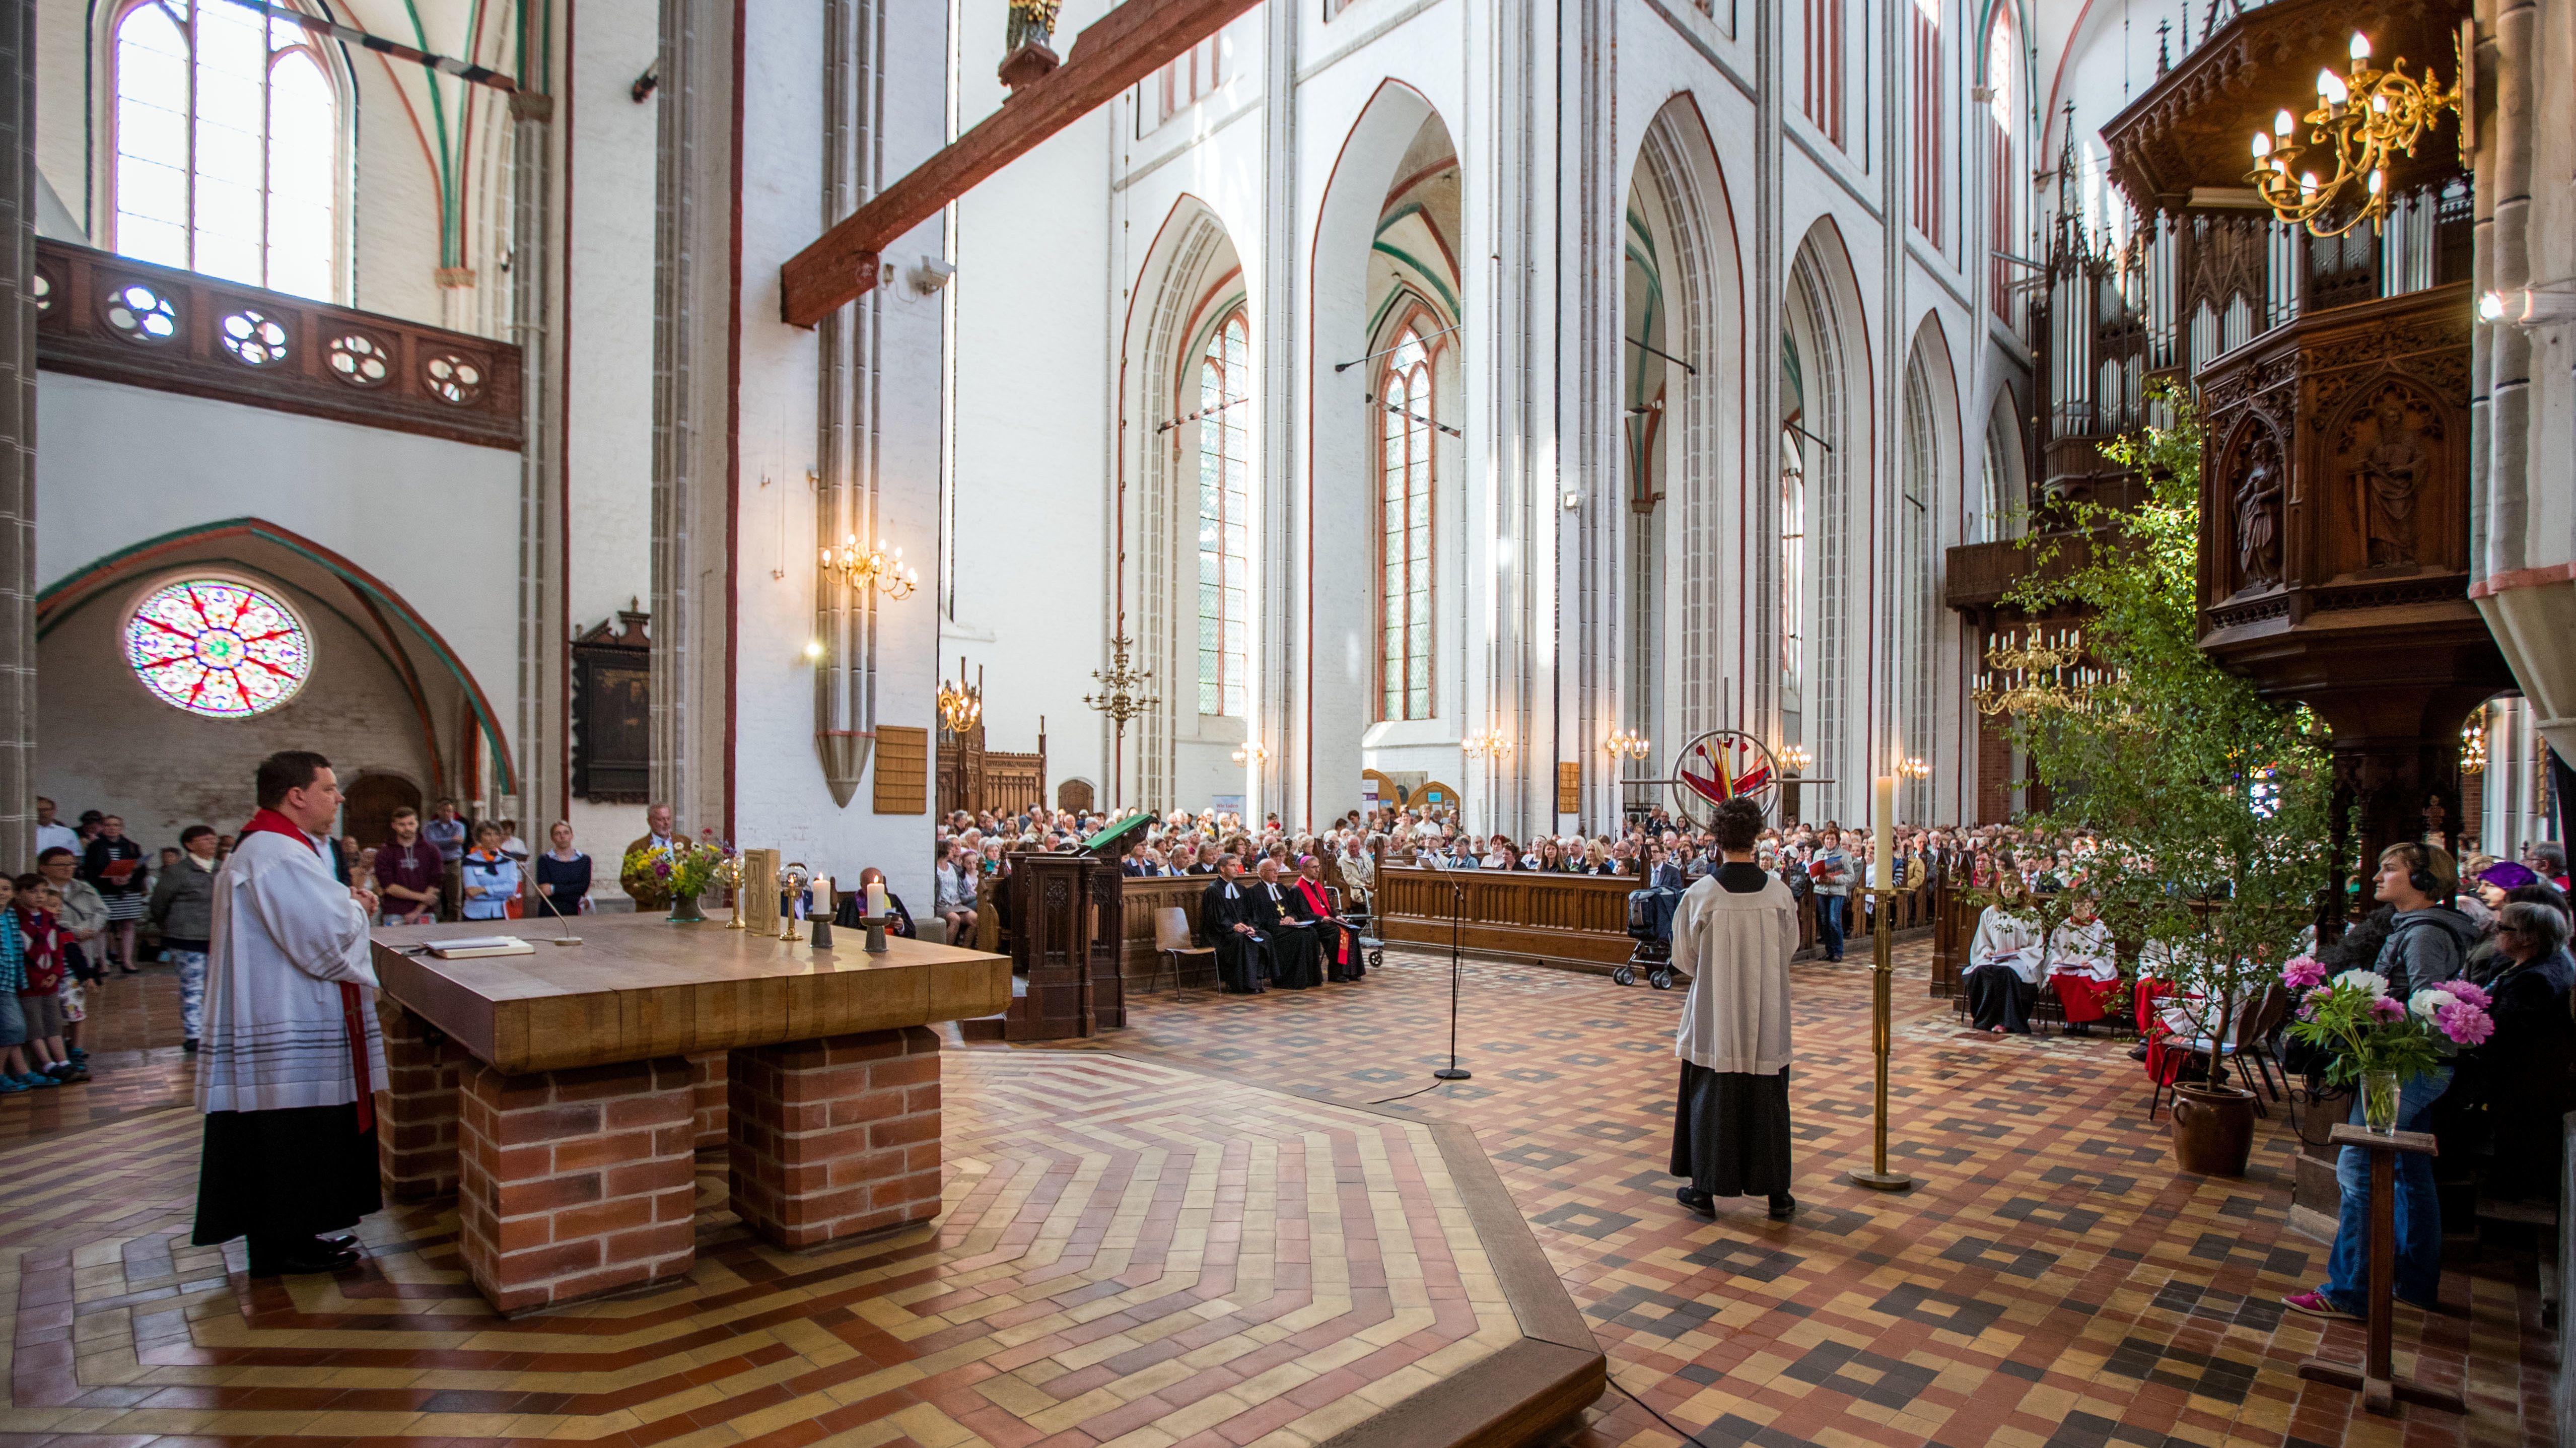 Protestanten und Katholiken feiern das Pfingstfest